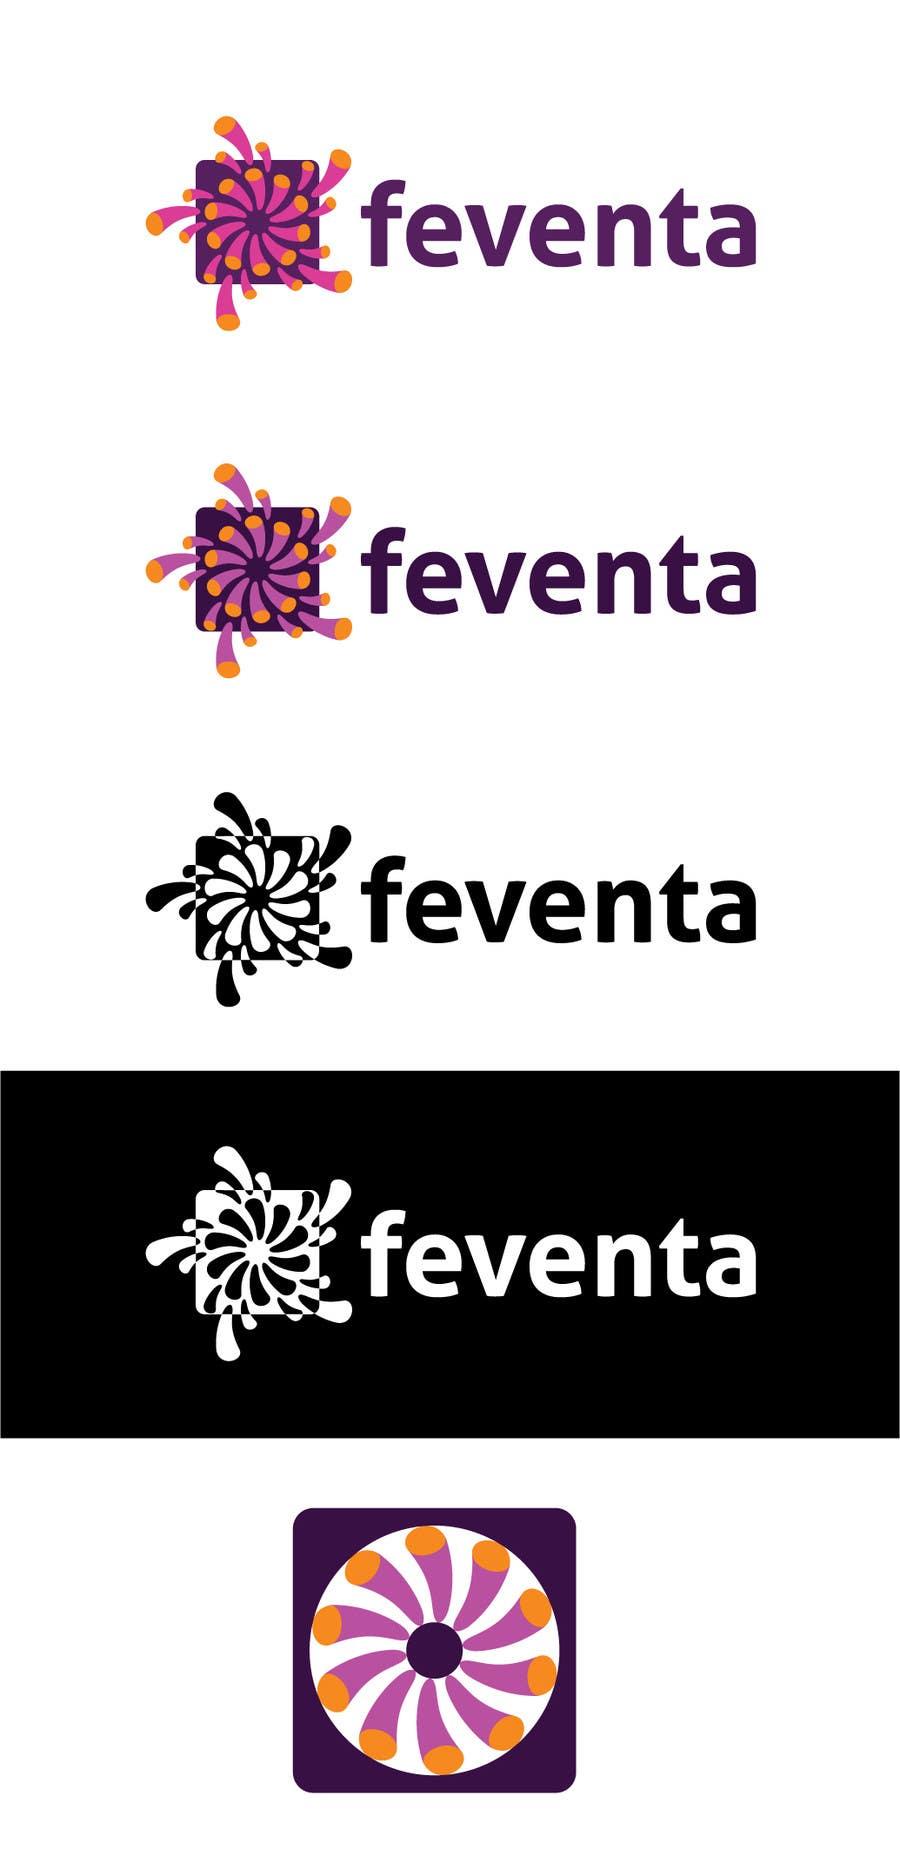 Bài tham dự cuộc thi #                                        109                                      cho                                         Refine and design a logo concept into a professional logo